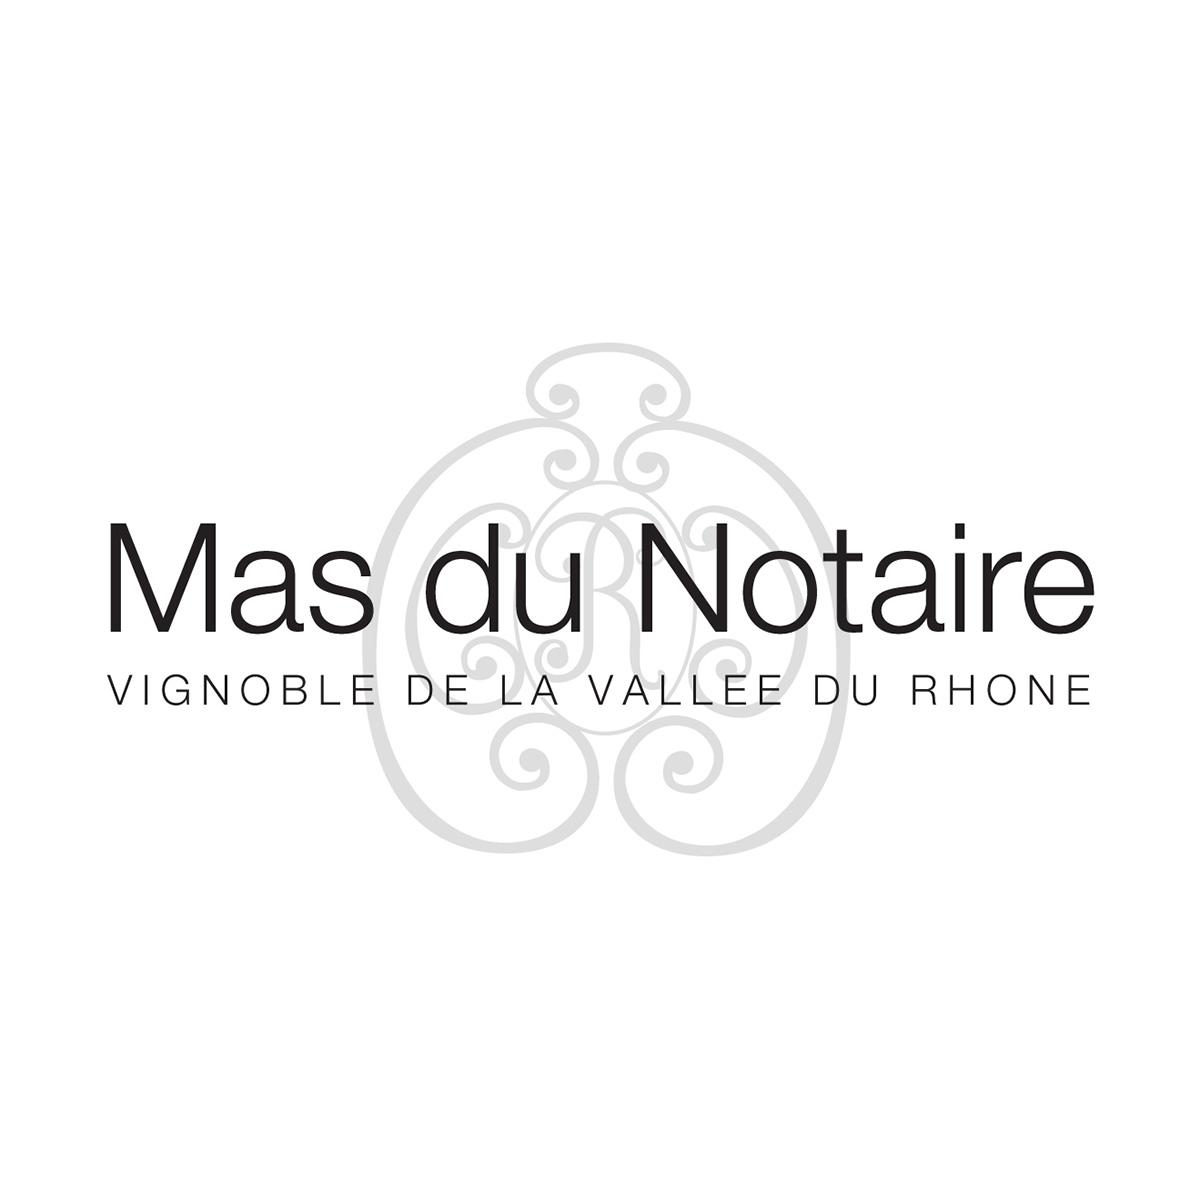 Mas Du Notaire